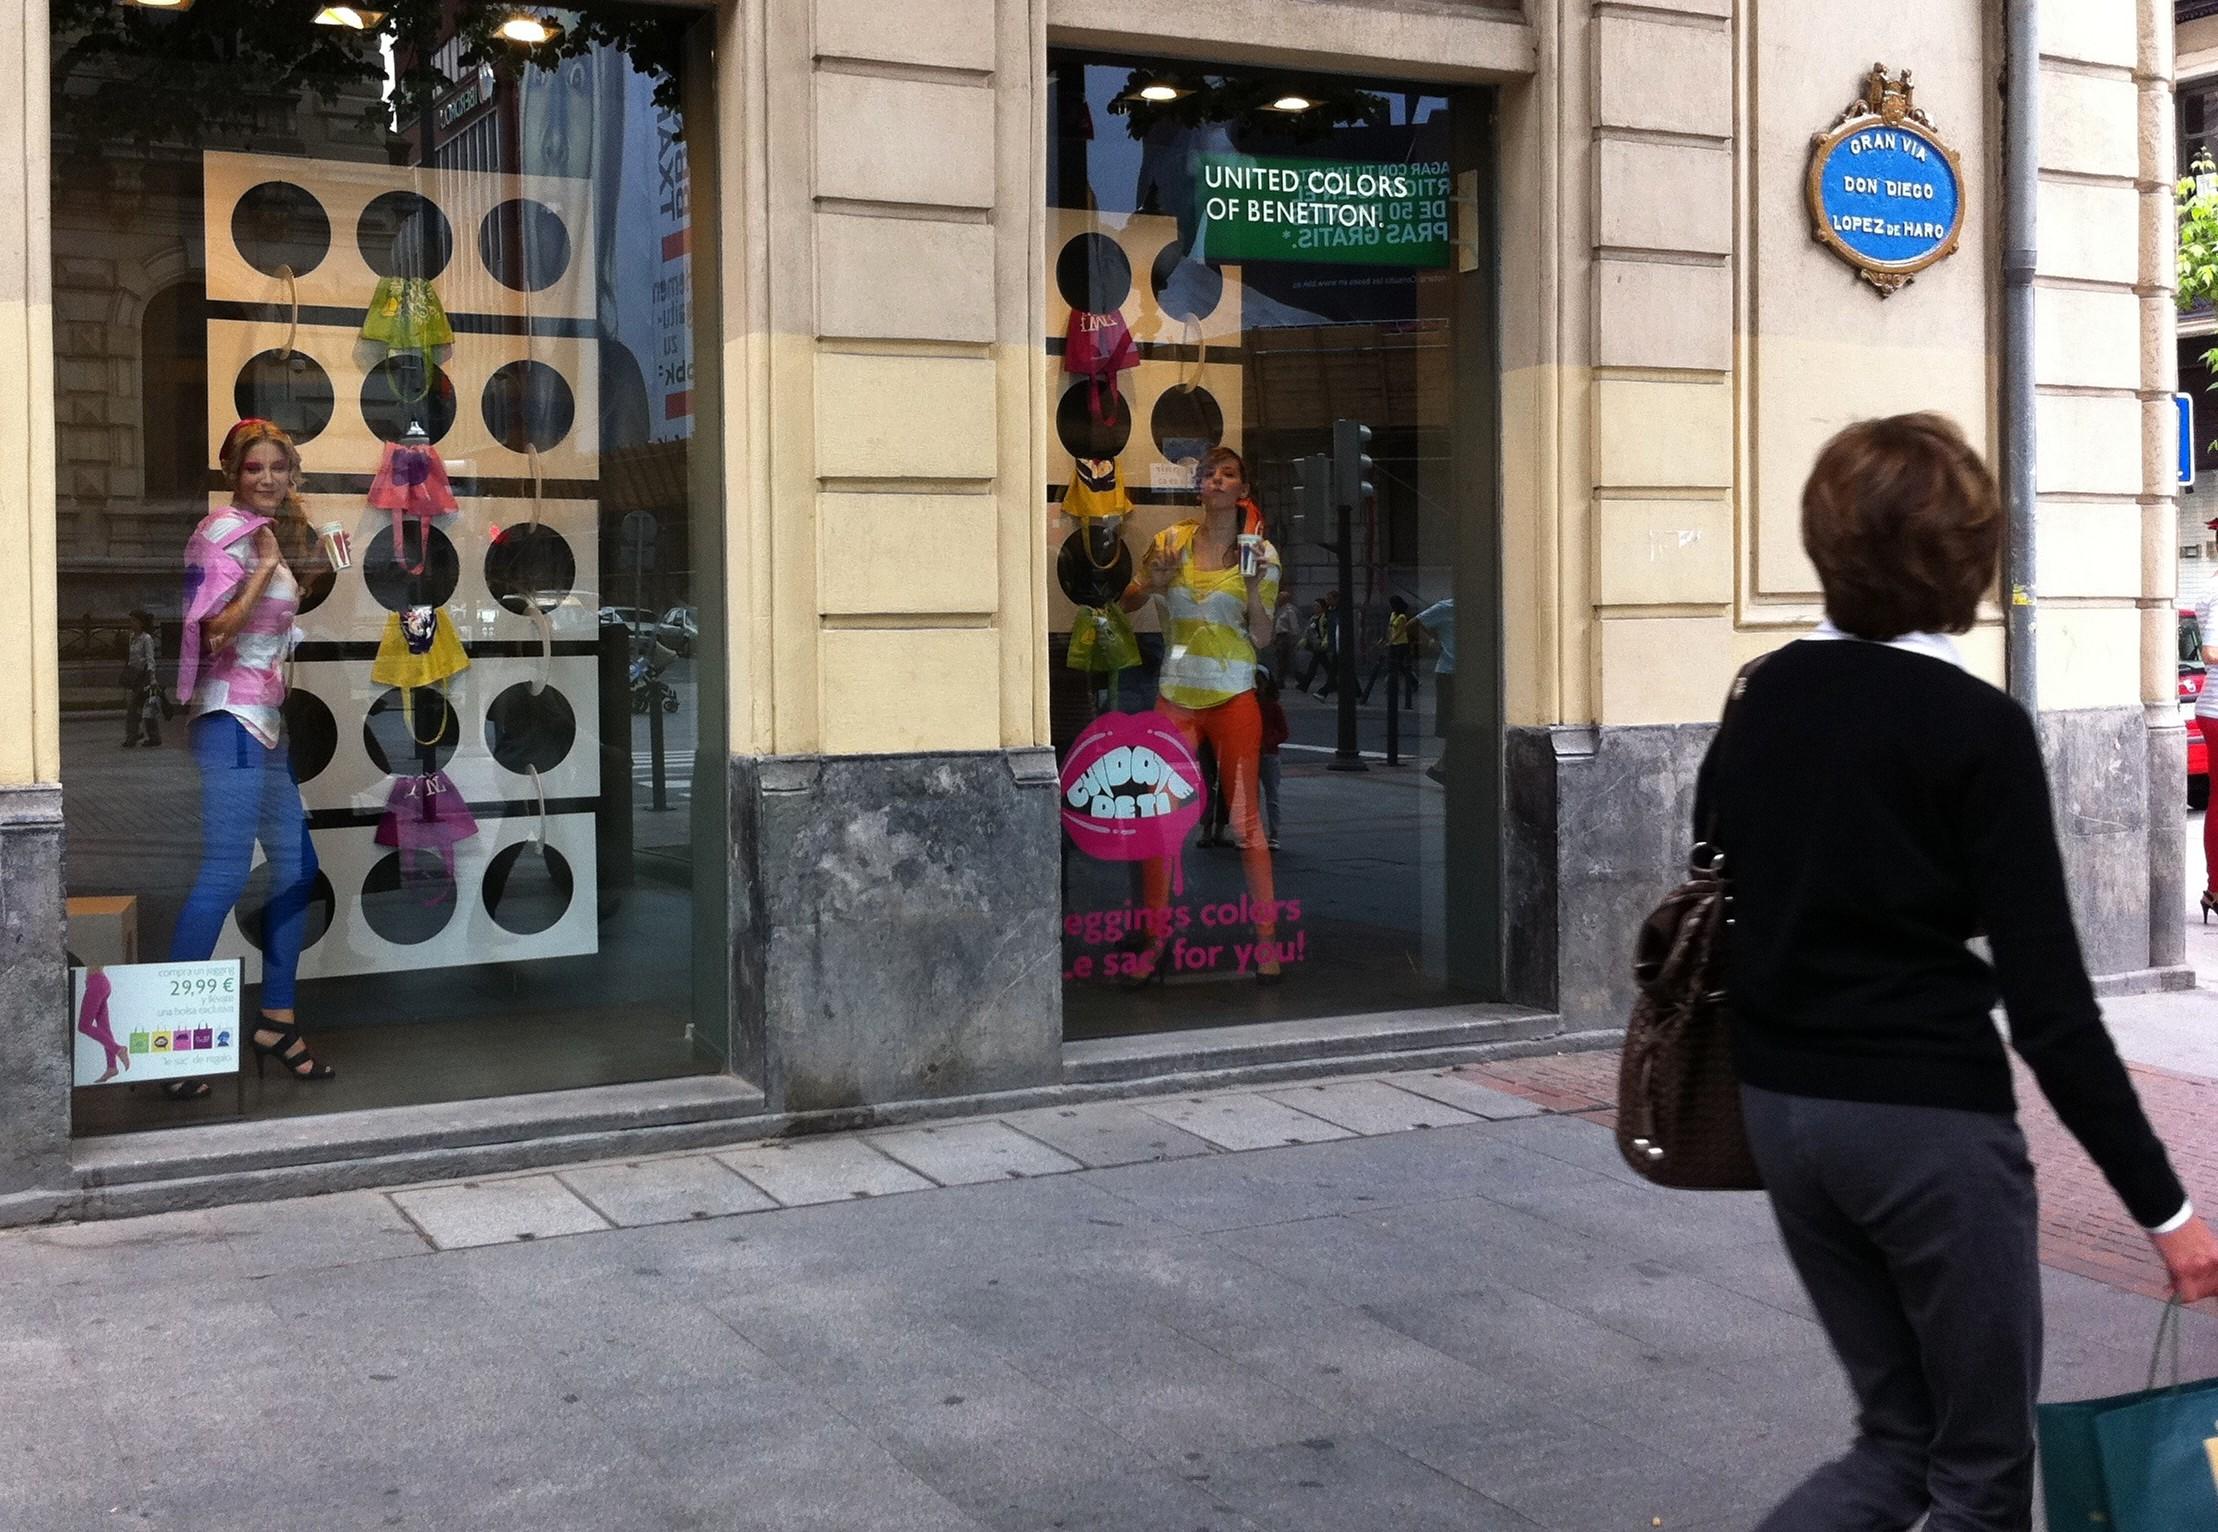 Un día de compras (4) La fiesta Benetton